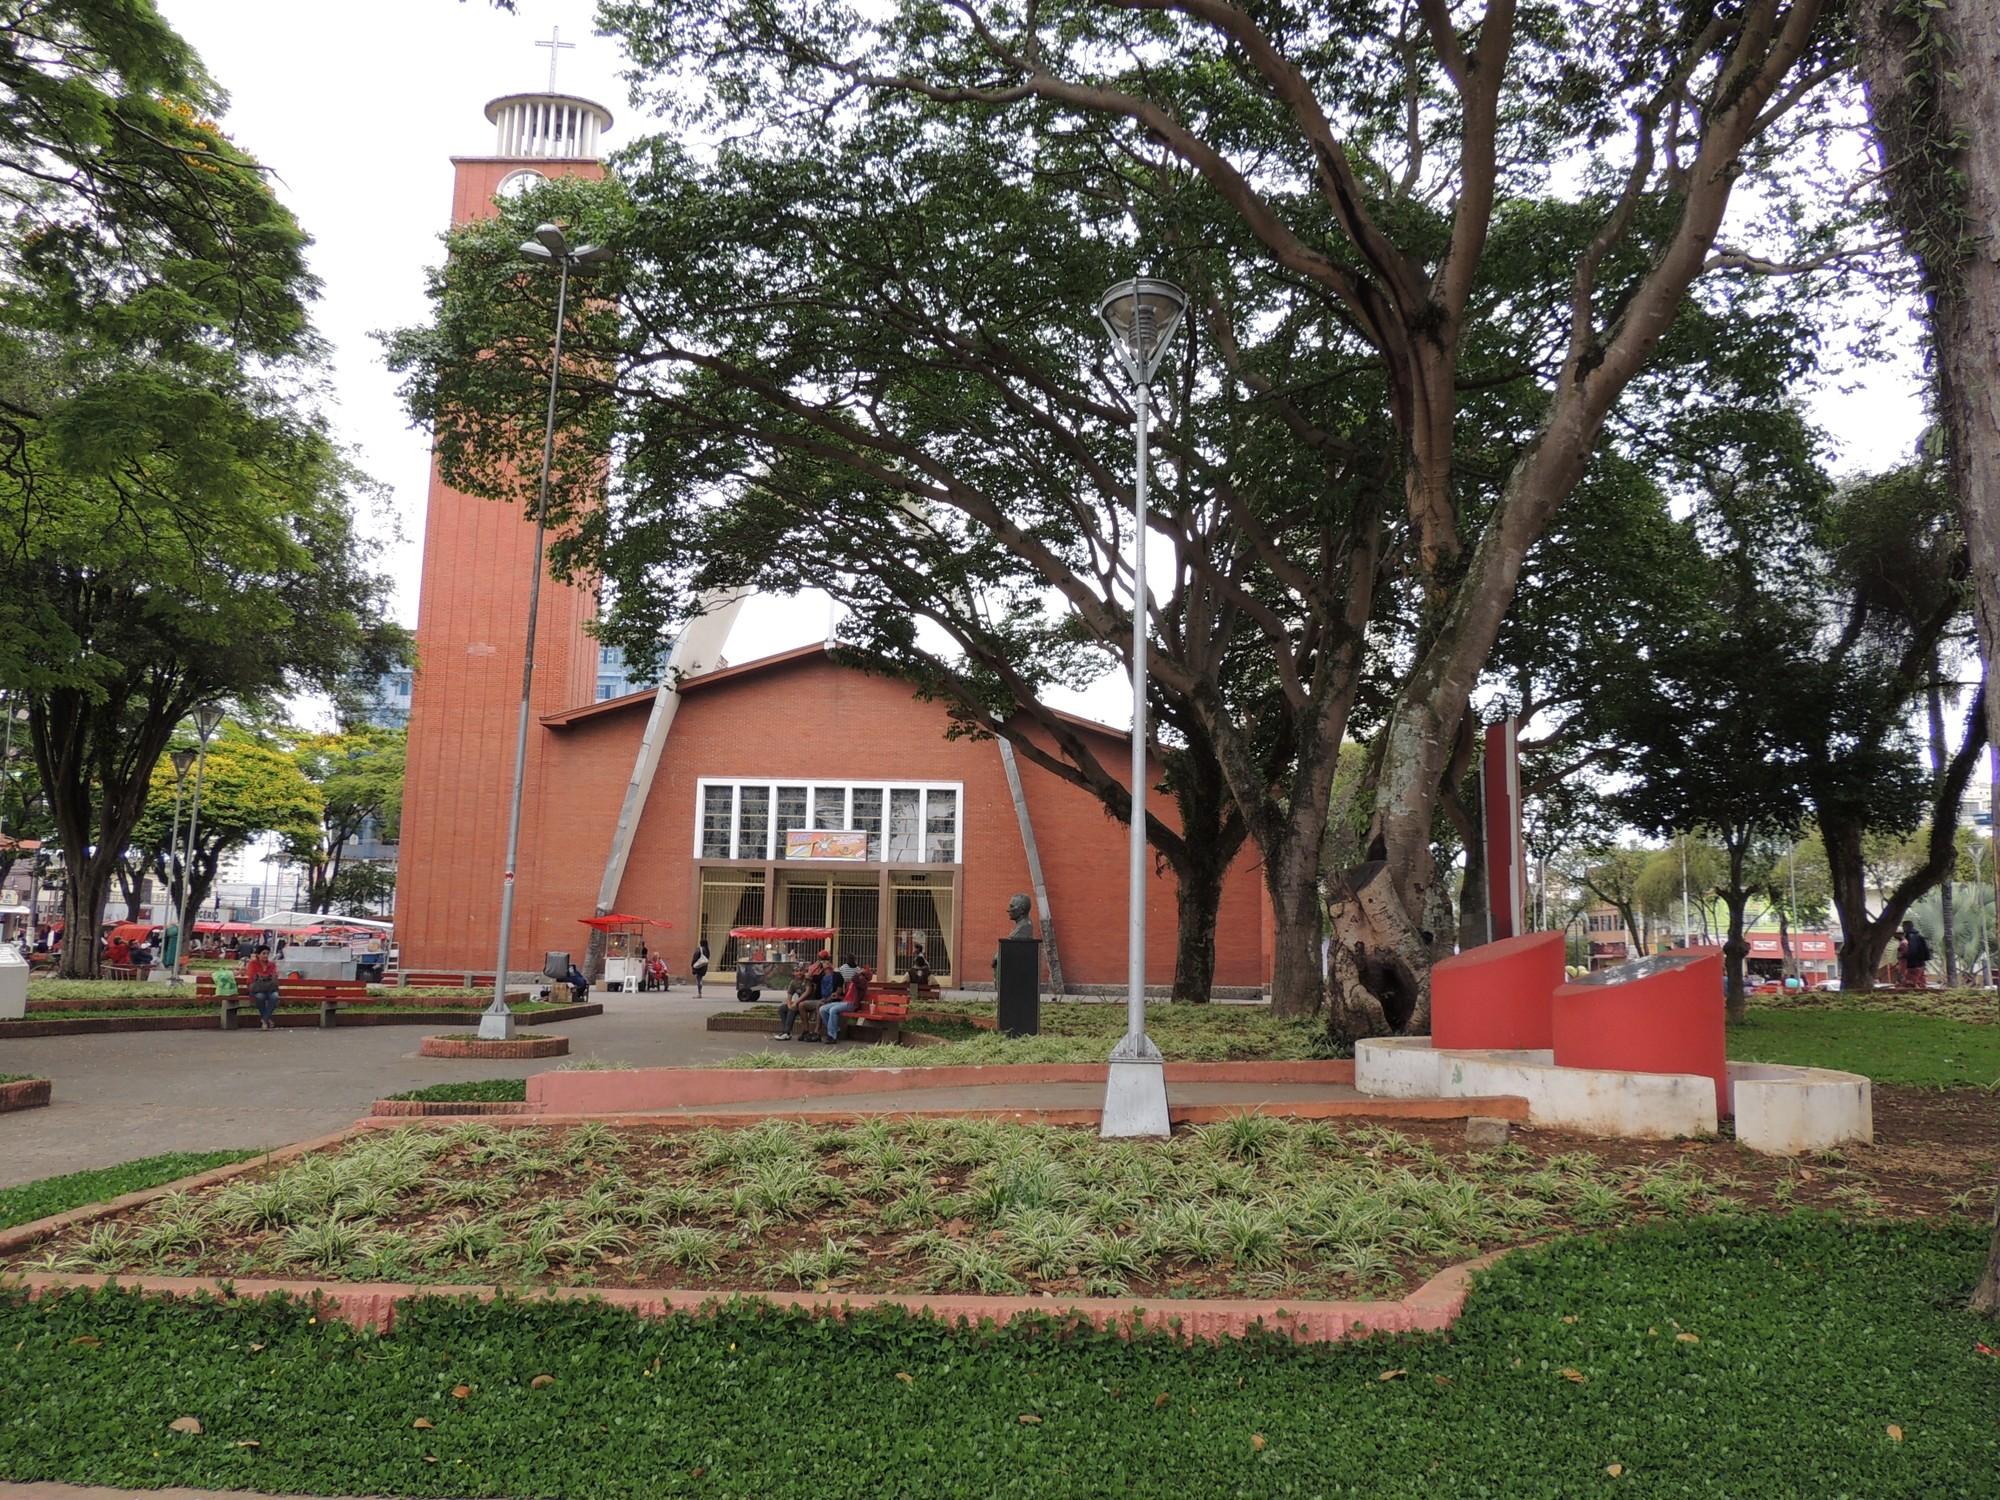 Diocese celebra Dia Nacional da Juventude neste domingo em Suzano - Notícias - Plantão Diário